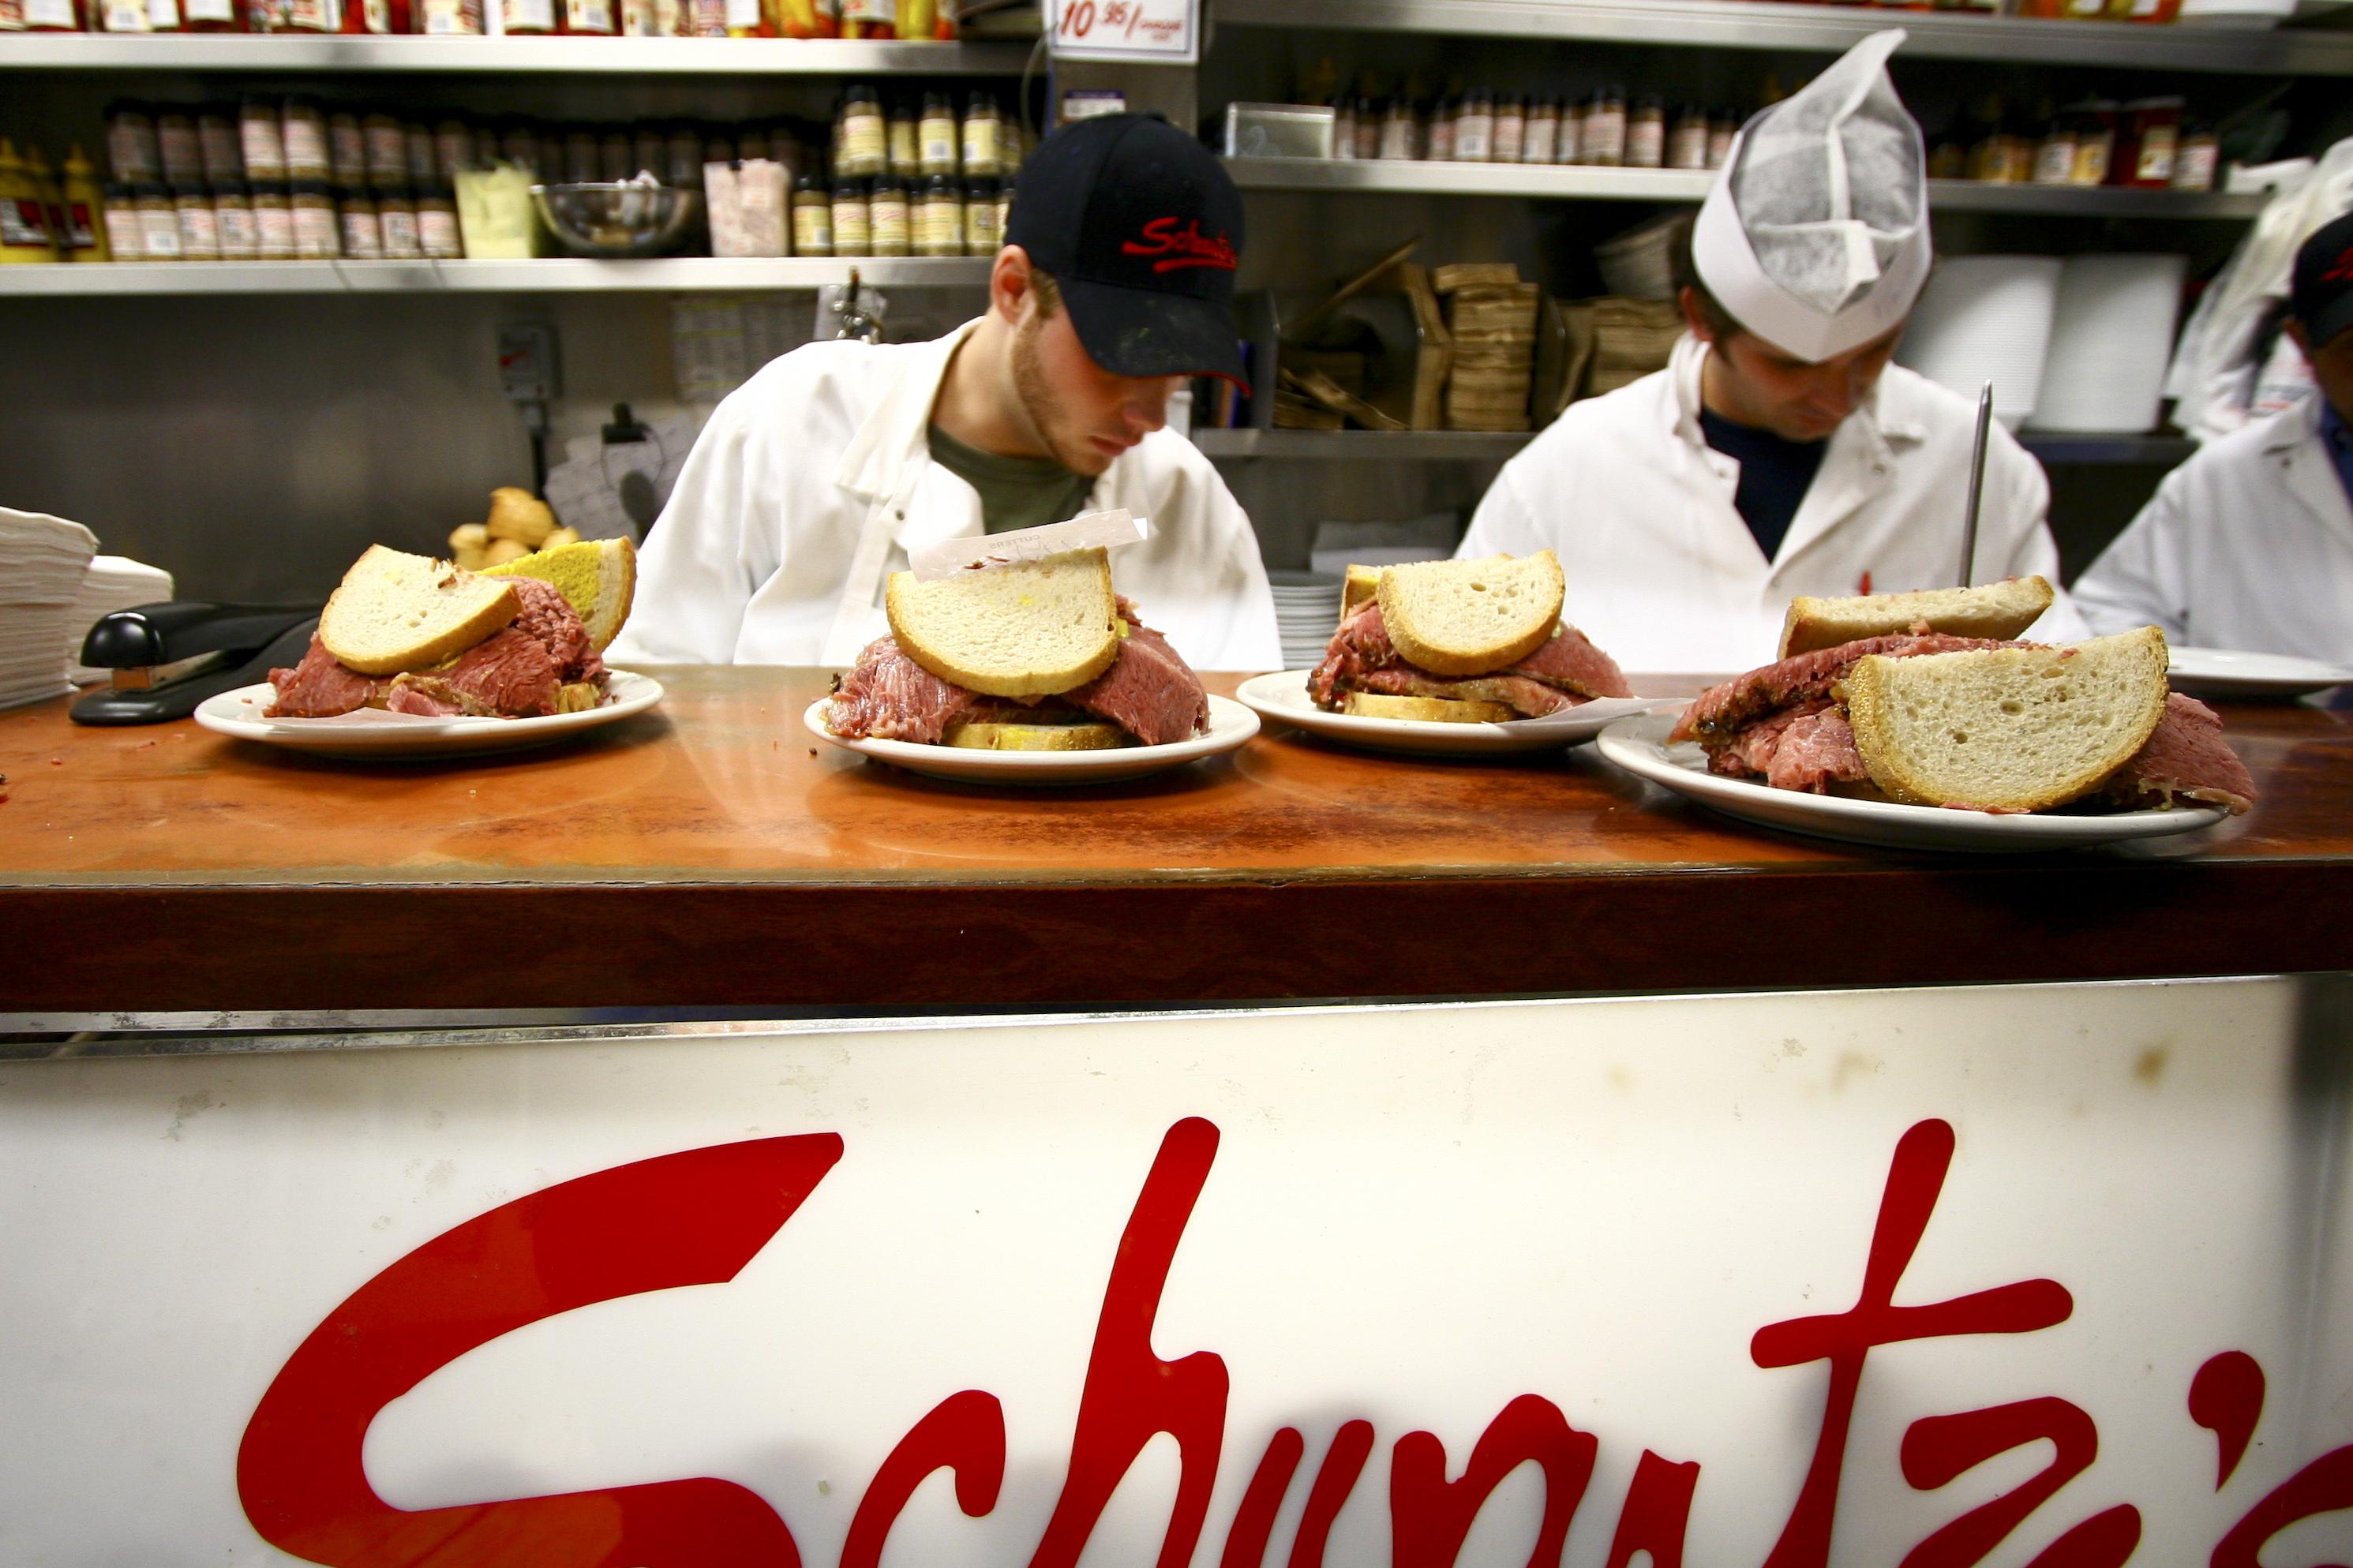 Schwartz's smocked meat sandwiches